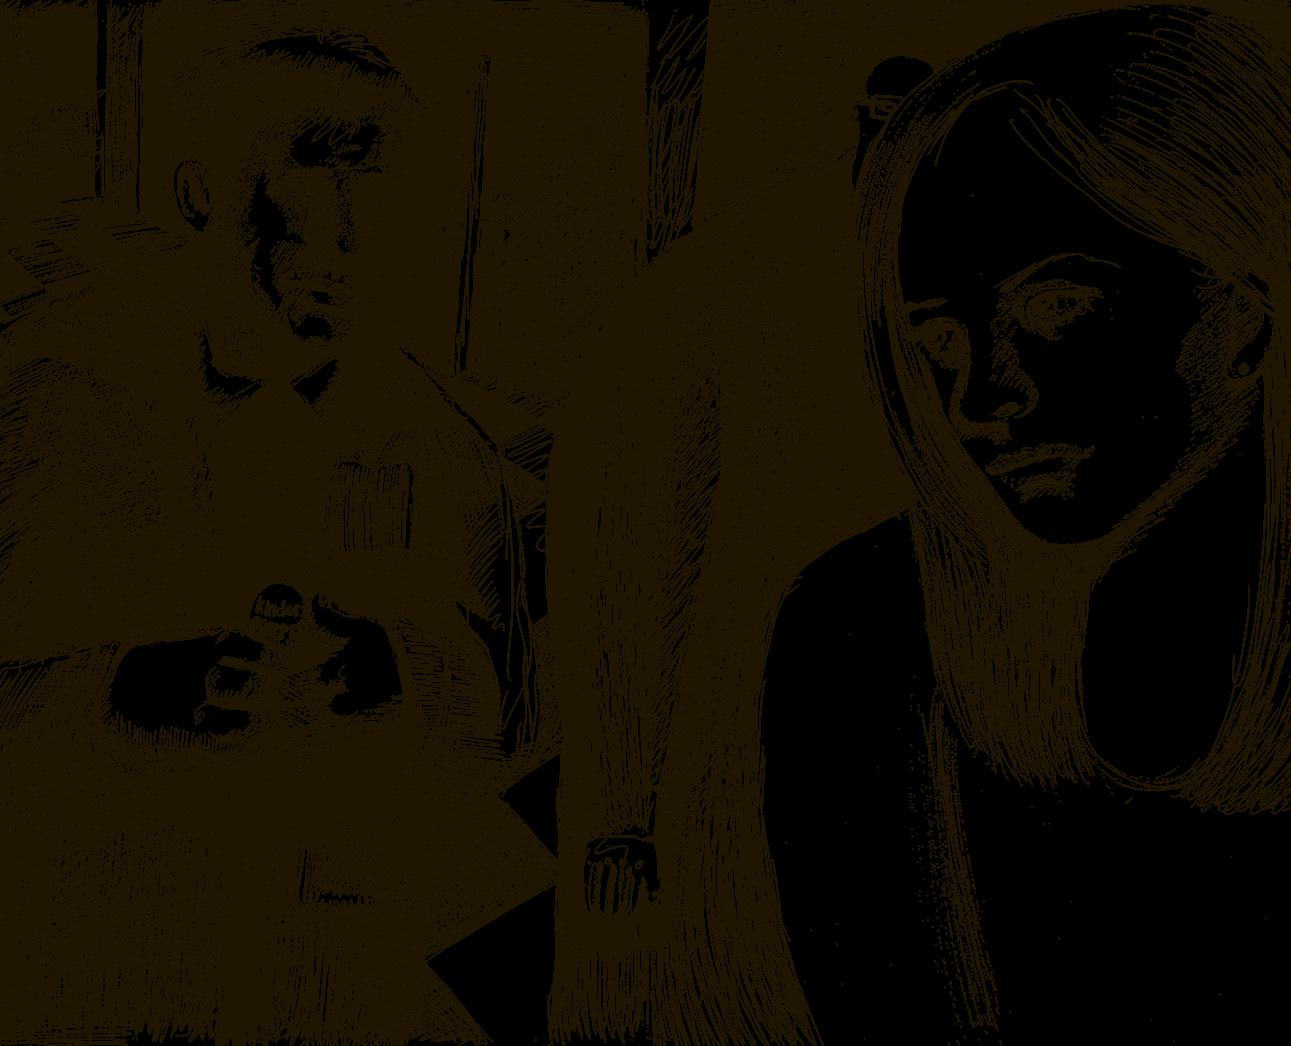 Юная девочка трахается с дядей 4 фотография